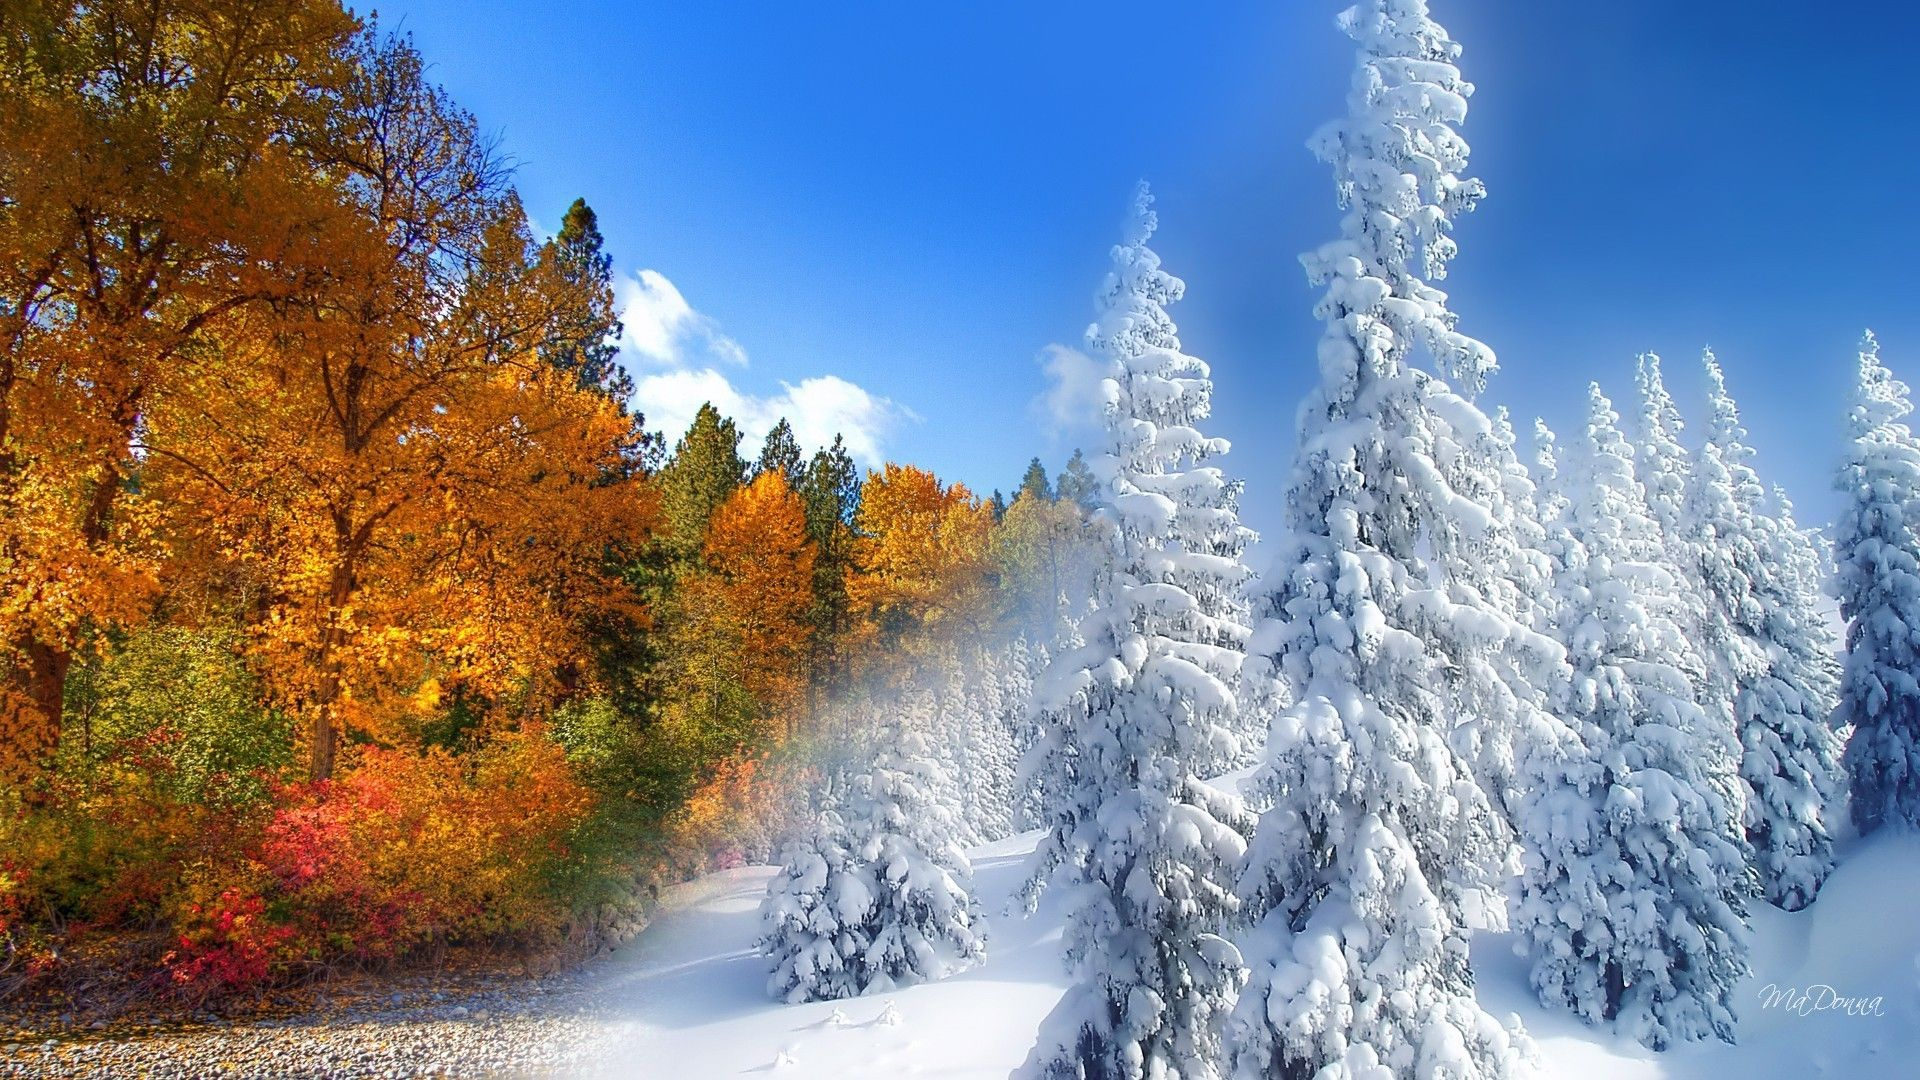 Fall to winter (1920x1080, winter) via www.allwallpaper.in